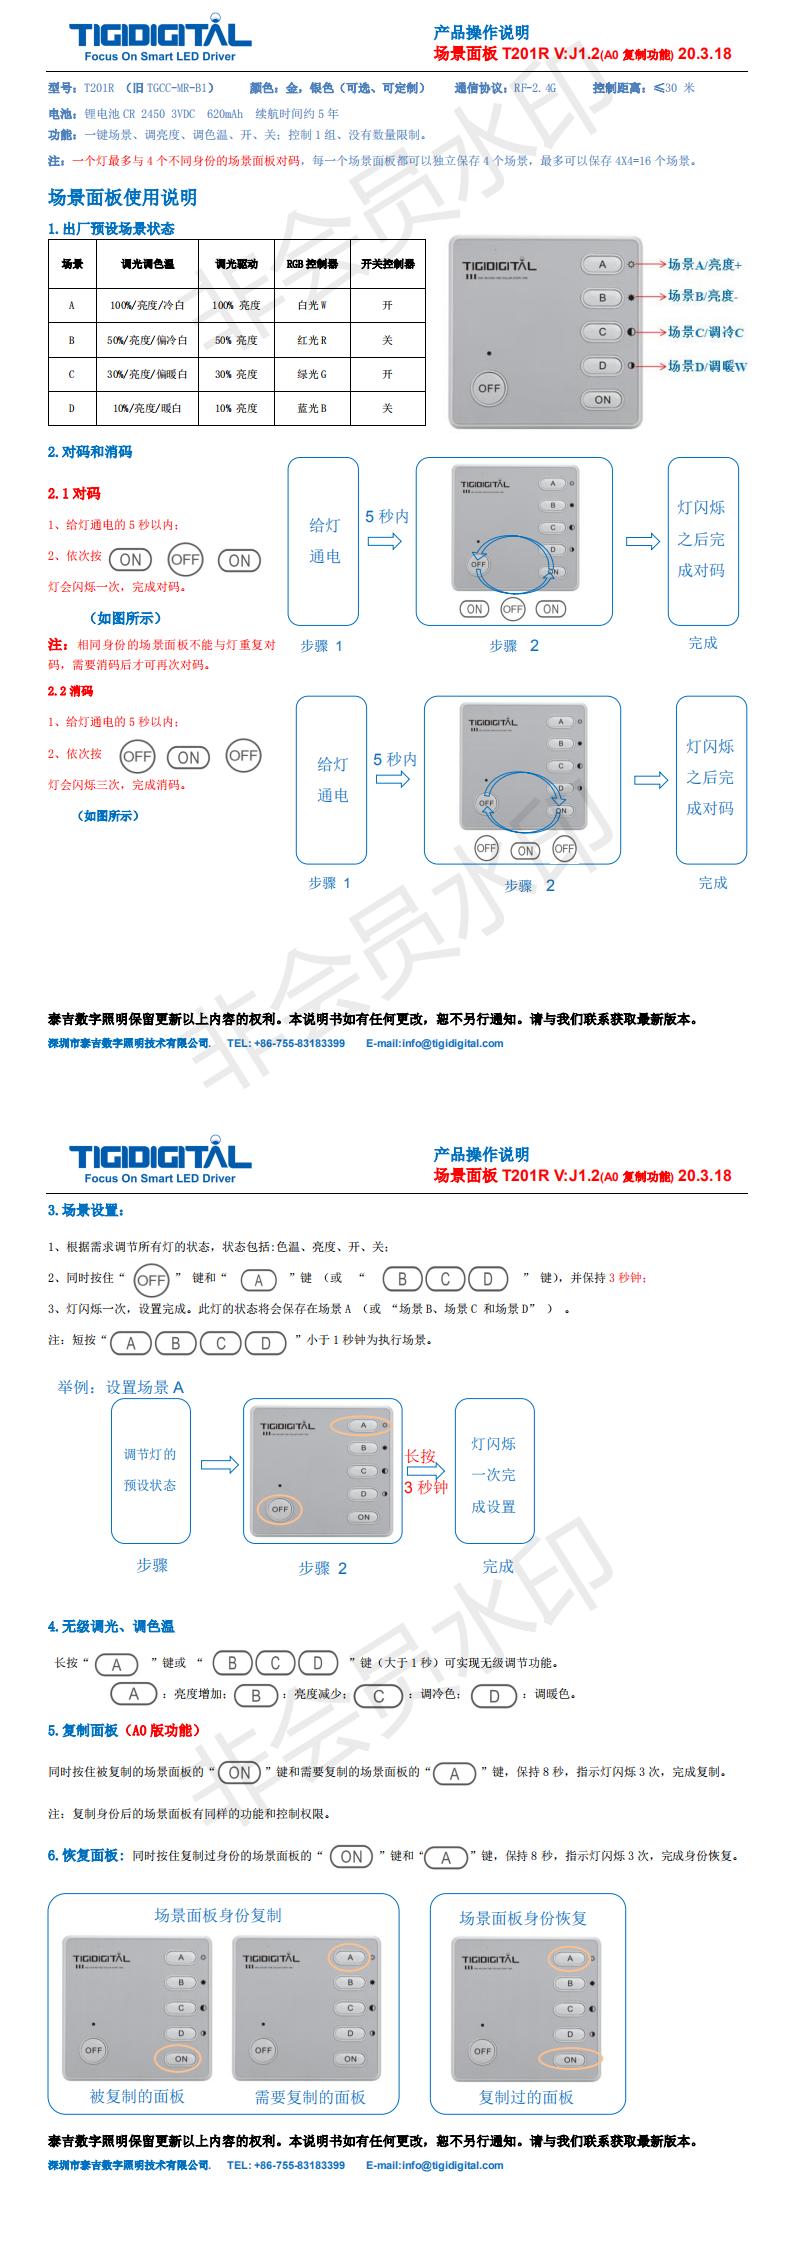 场景面板T201R说明VJ1.2-A0复制功能_0